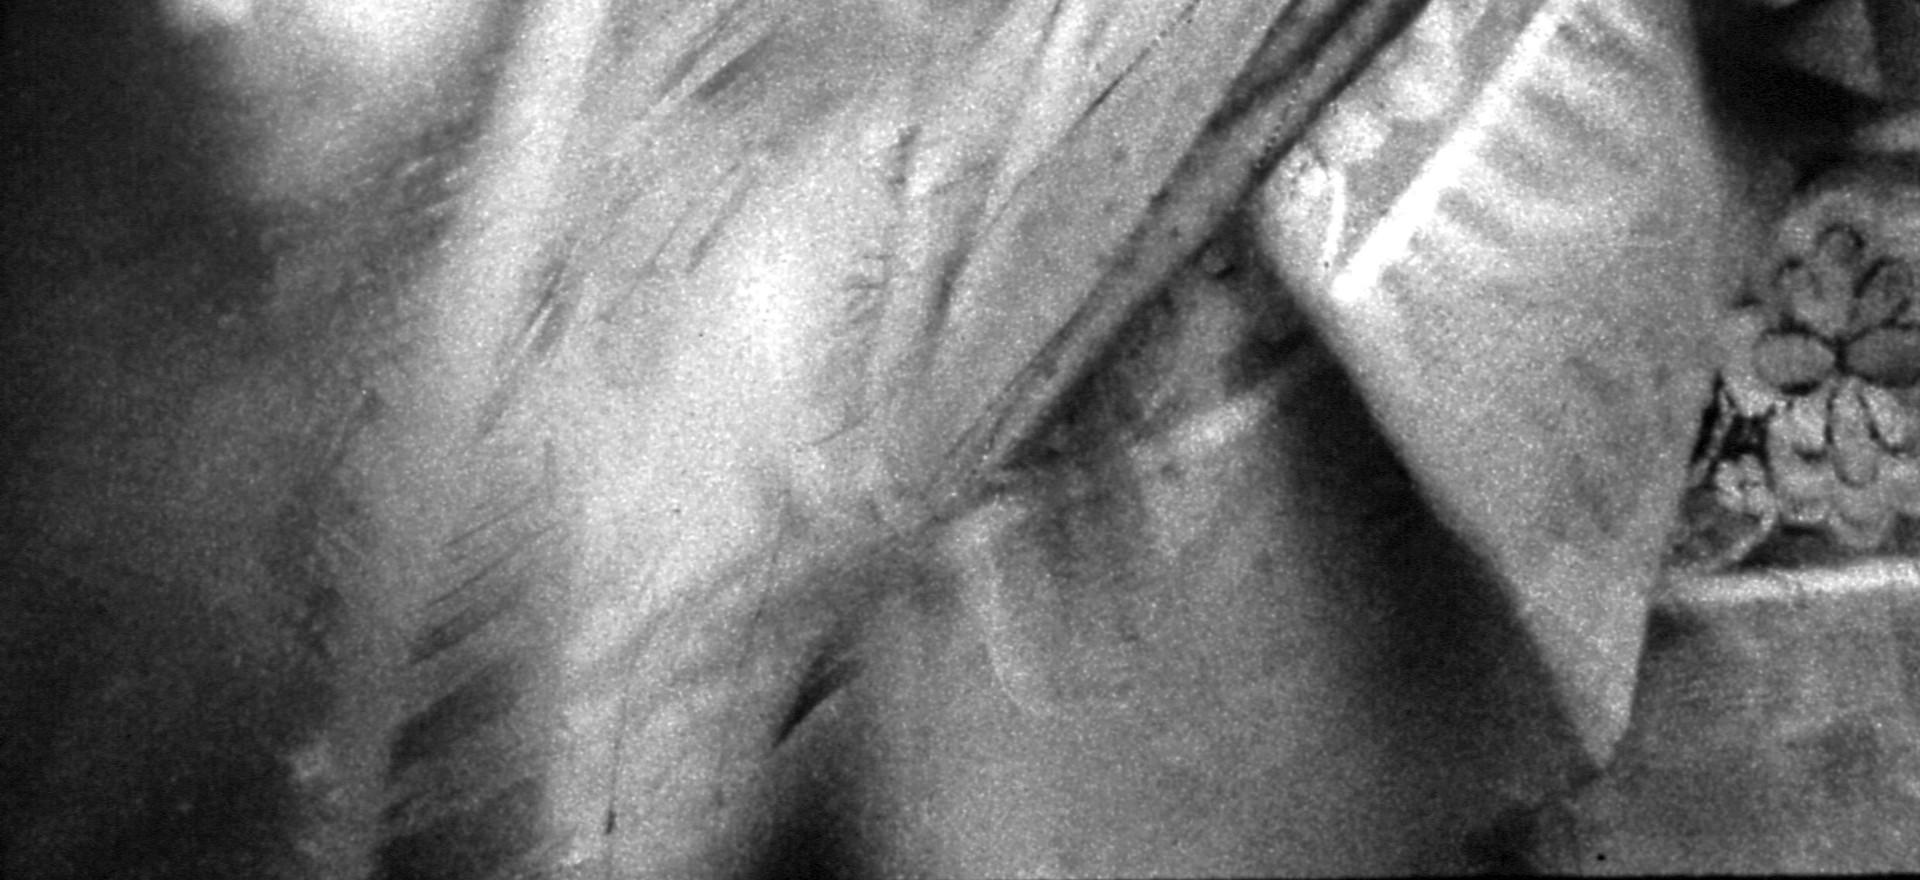 monique cabral (1 de 2).jpg